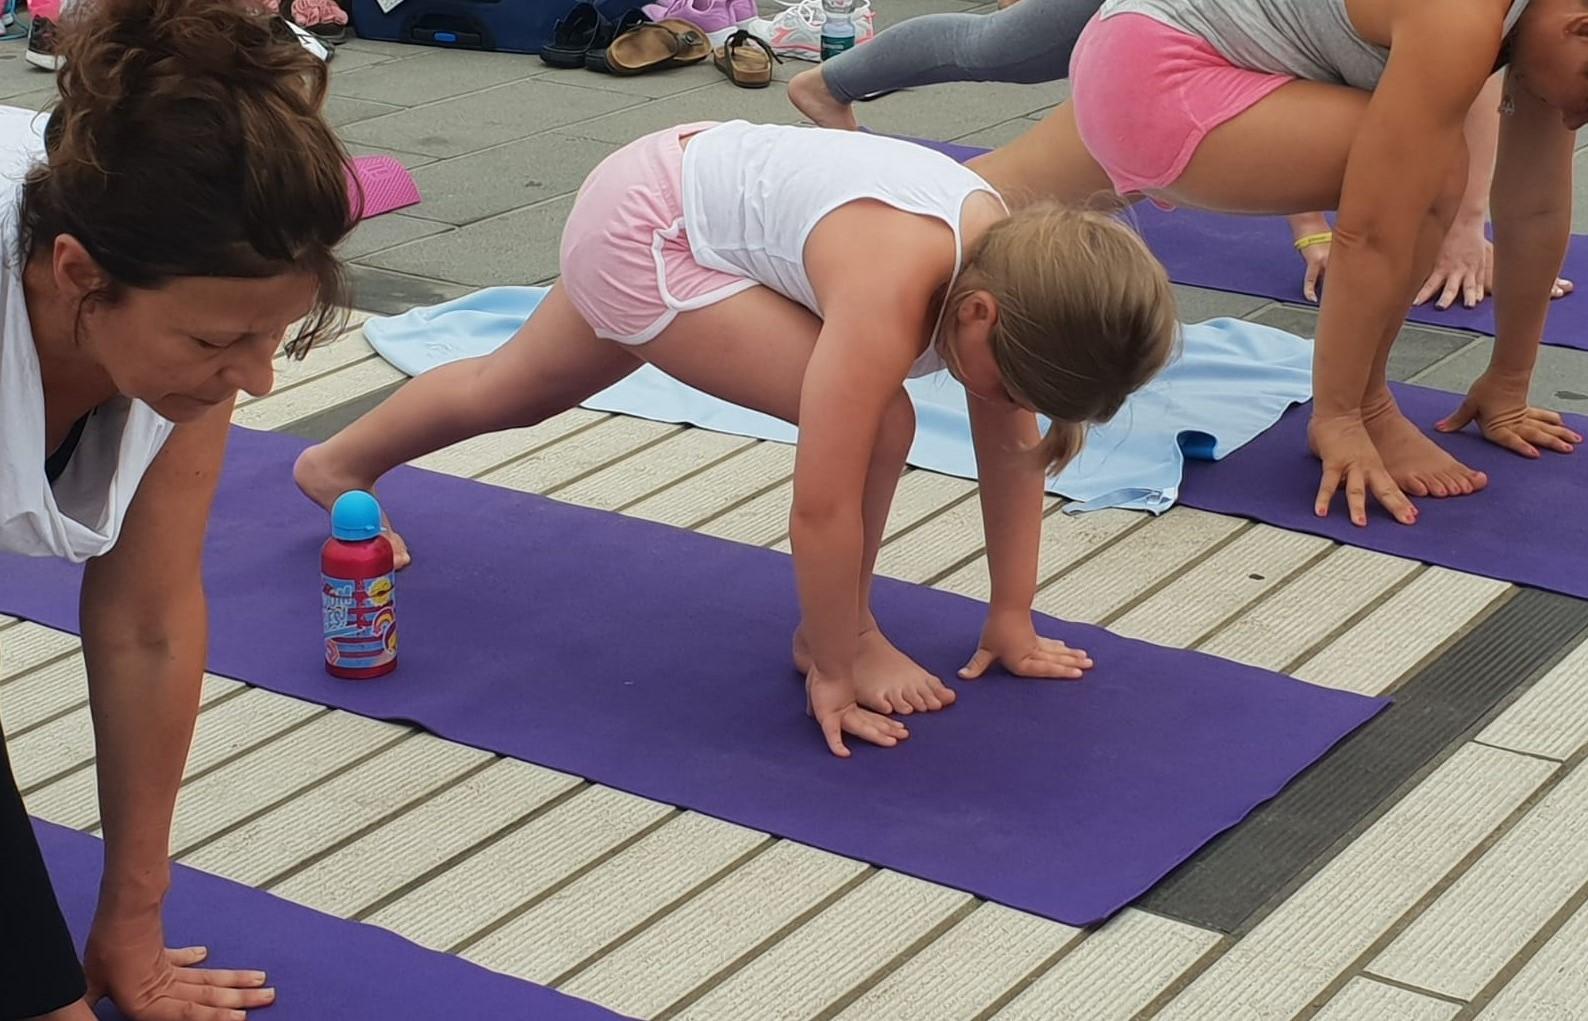 essere-free-yoga-gratuito-benessere-per-tutti-village-citta-alassio-estate-lucia-ragazzi-summer-town-wellness-123